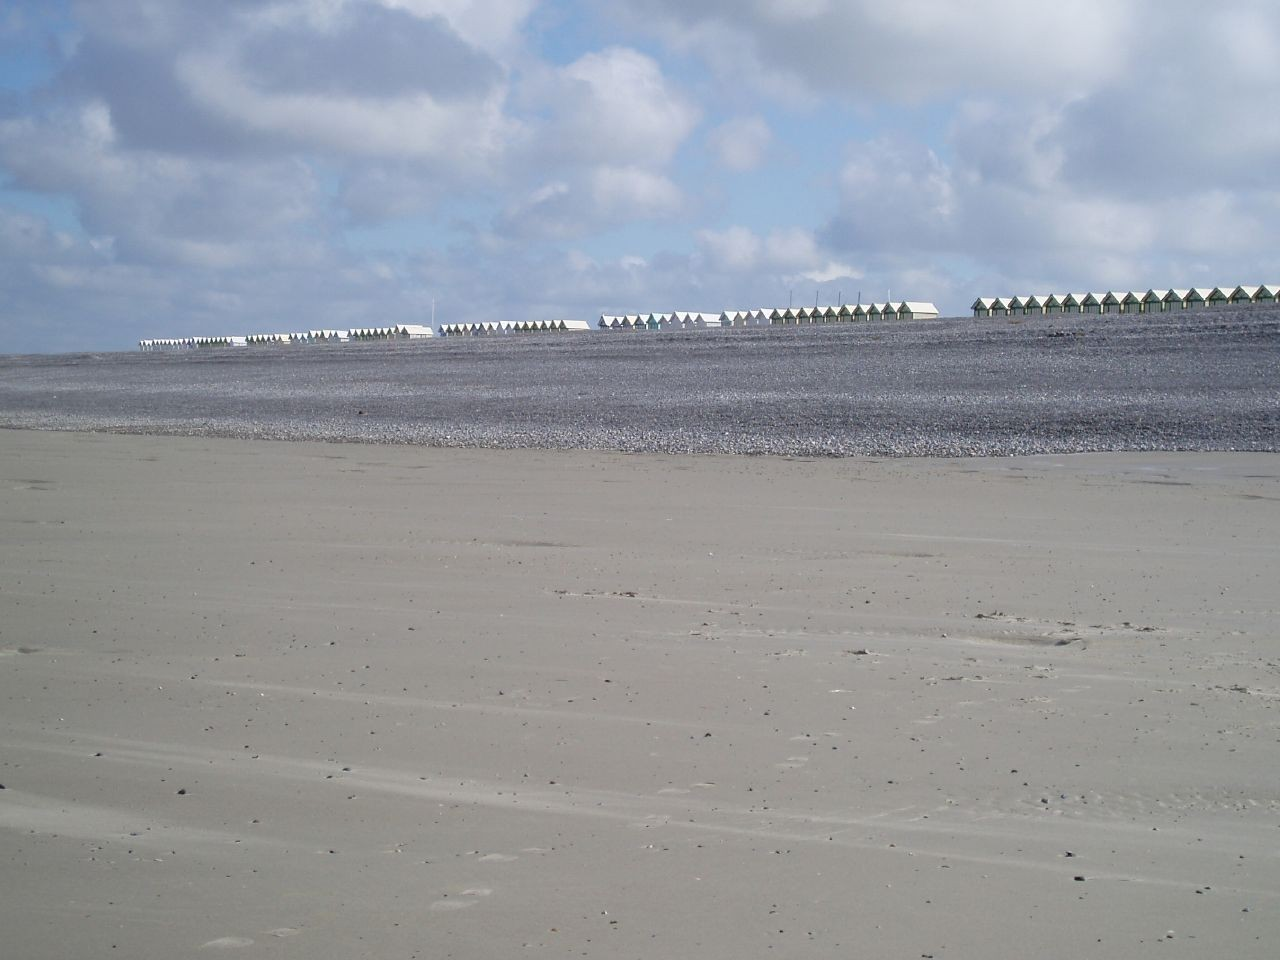 La plage à marée basse, vive les châteaux de sable et la pêche à pieds. Baie de Somme